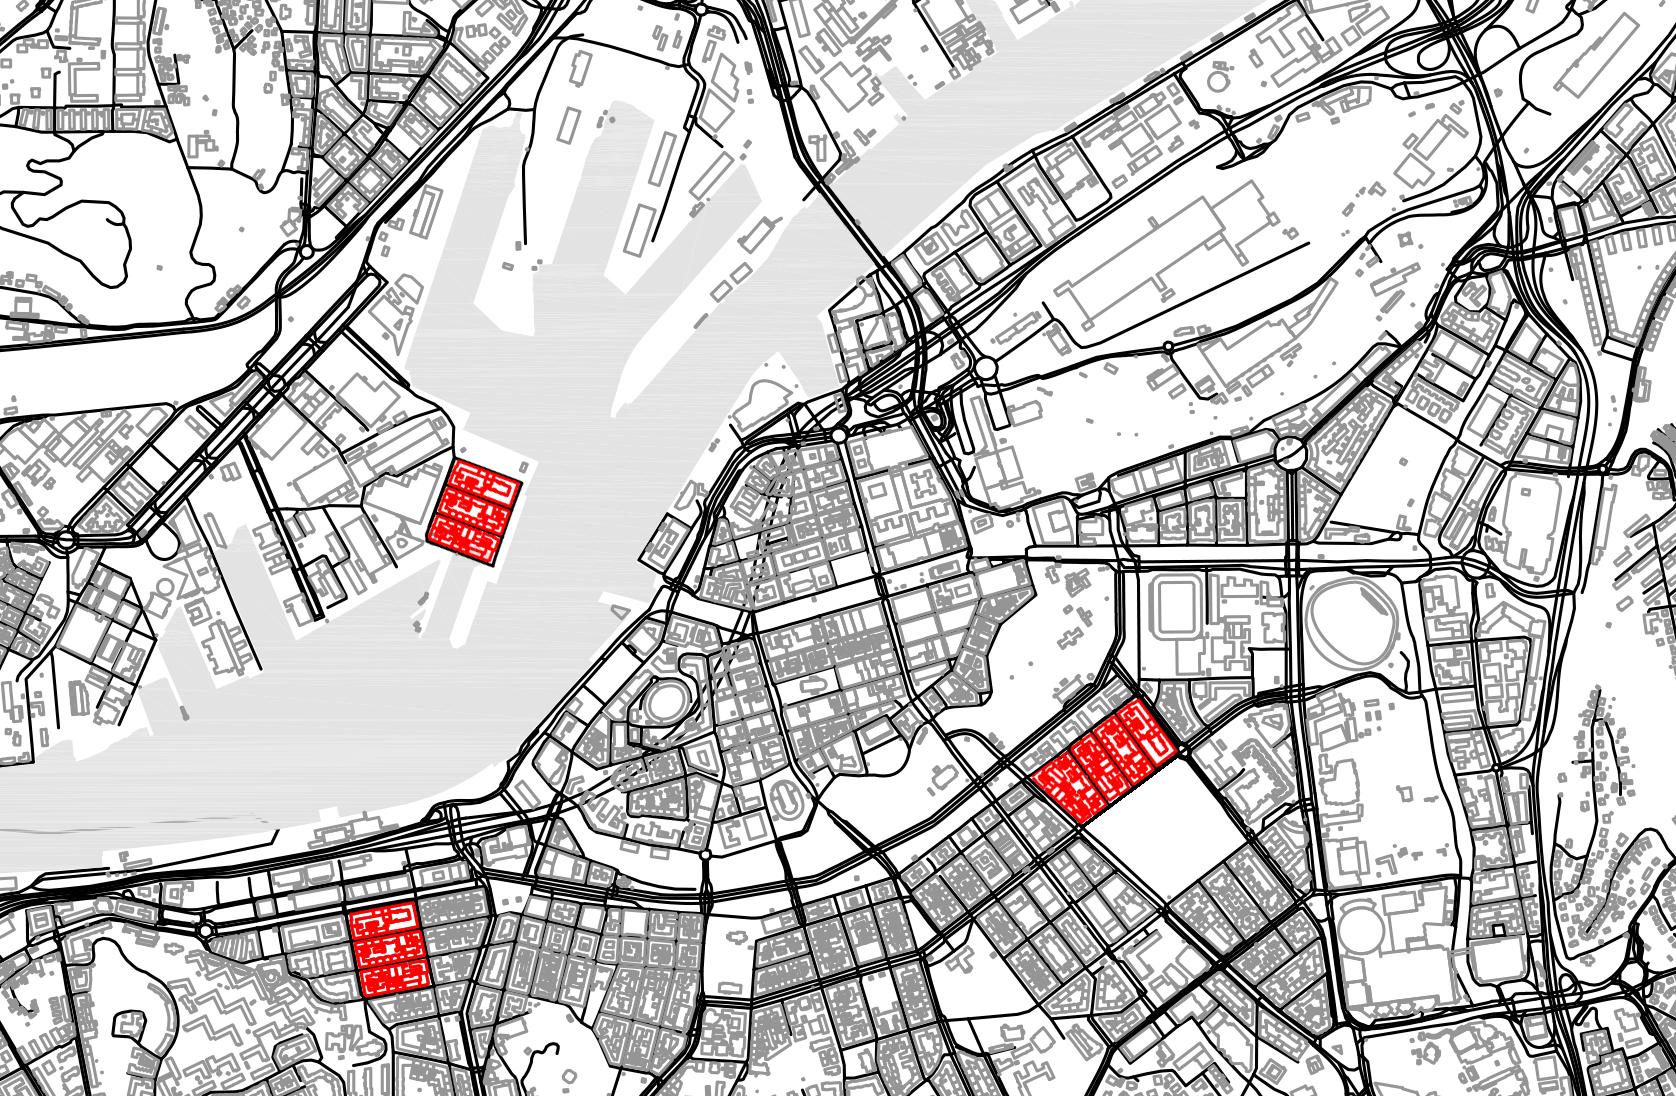 """Figur 4. Läge handlar om platsers samband till andra platser och inte bara platsernas utformning i sig. Jämför exempelvis effekterna av att placera några av kvarteren vid de """"levande"""" Långatorna i Göteborg i en serie olika lägen. Vi förstår då hur exakt samma plats får oerhört olika möjligheter och karaktär beroende på sitt läge i förhållande till andra platser."""